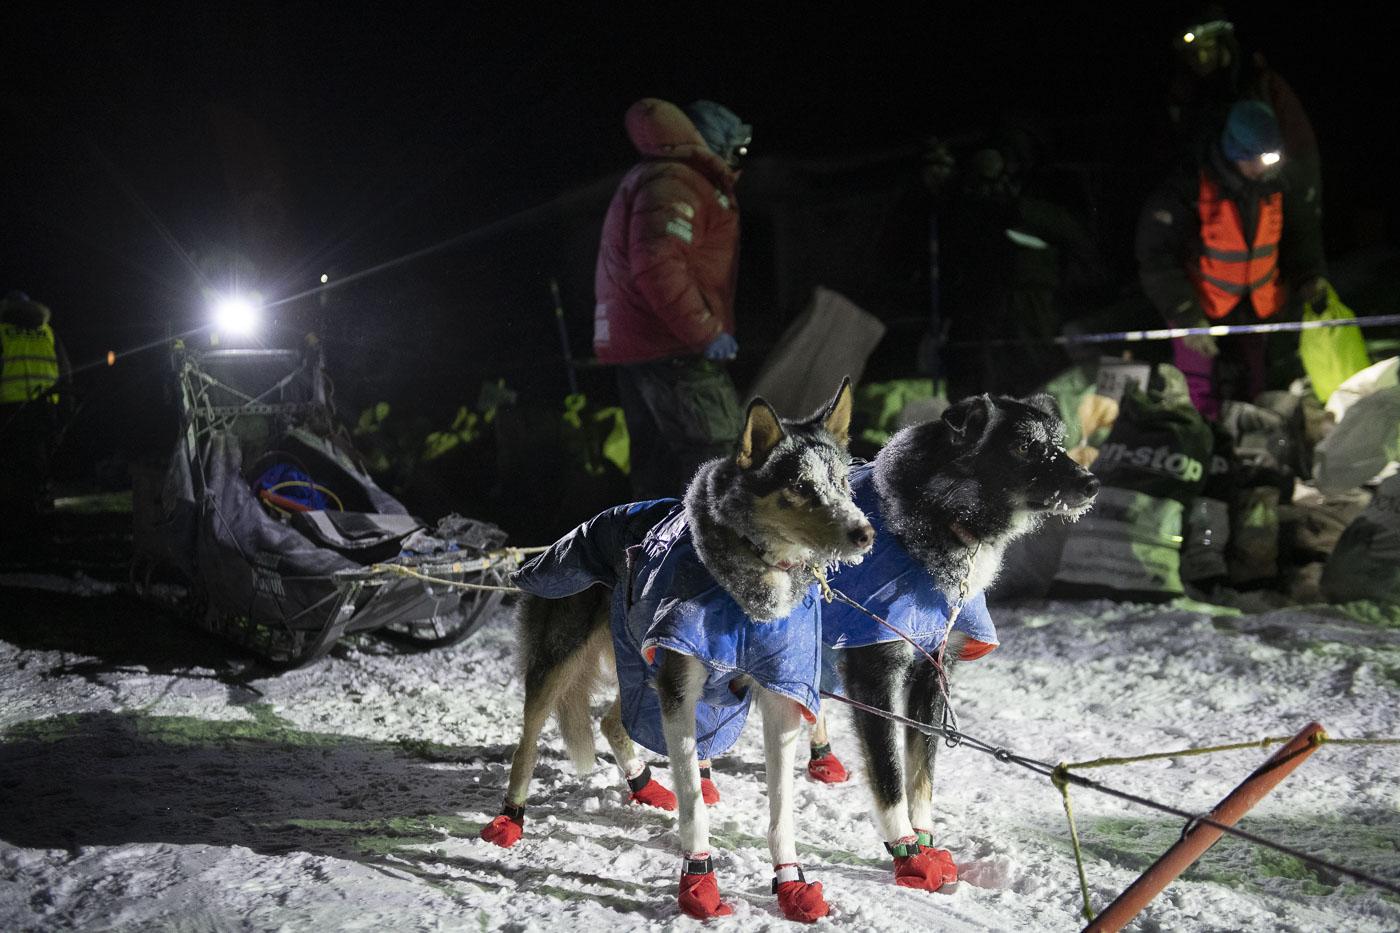 Finnmark, Finnmarksløpet, Norway, dog mushing, race, winter, photo